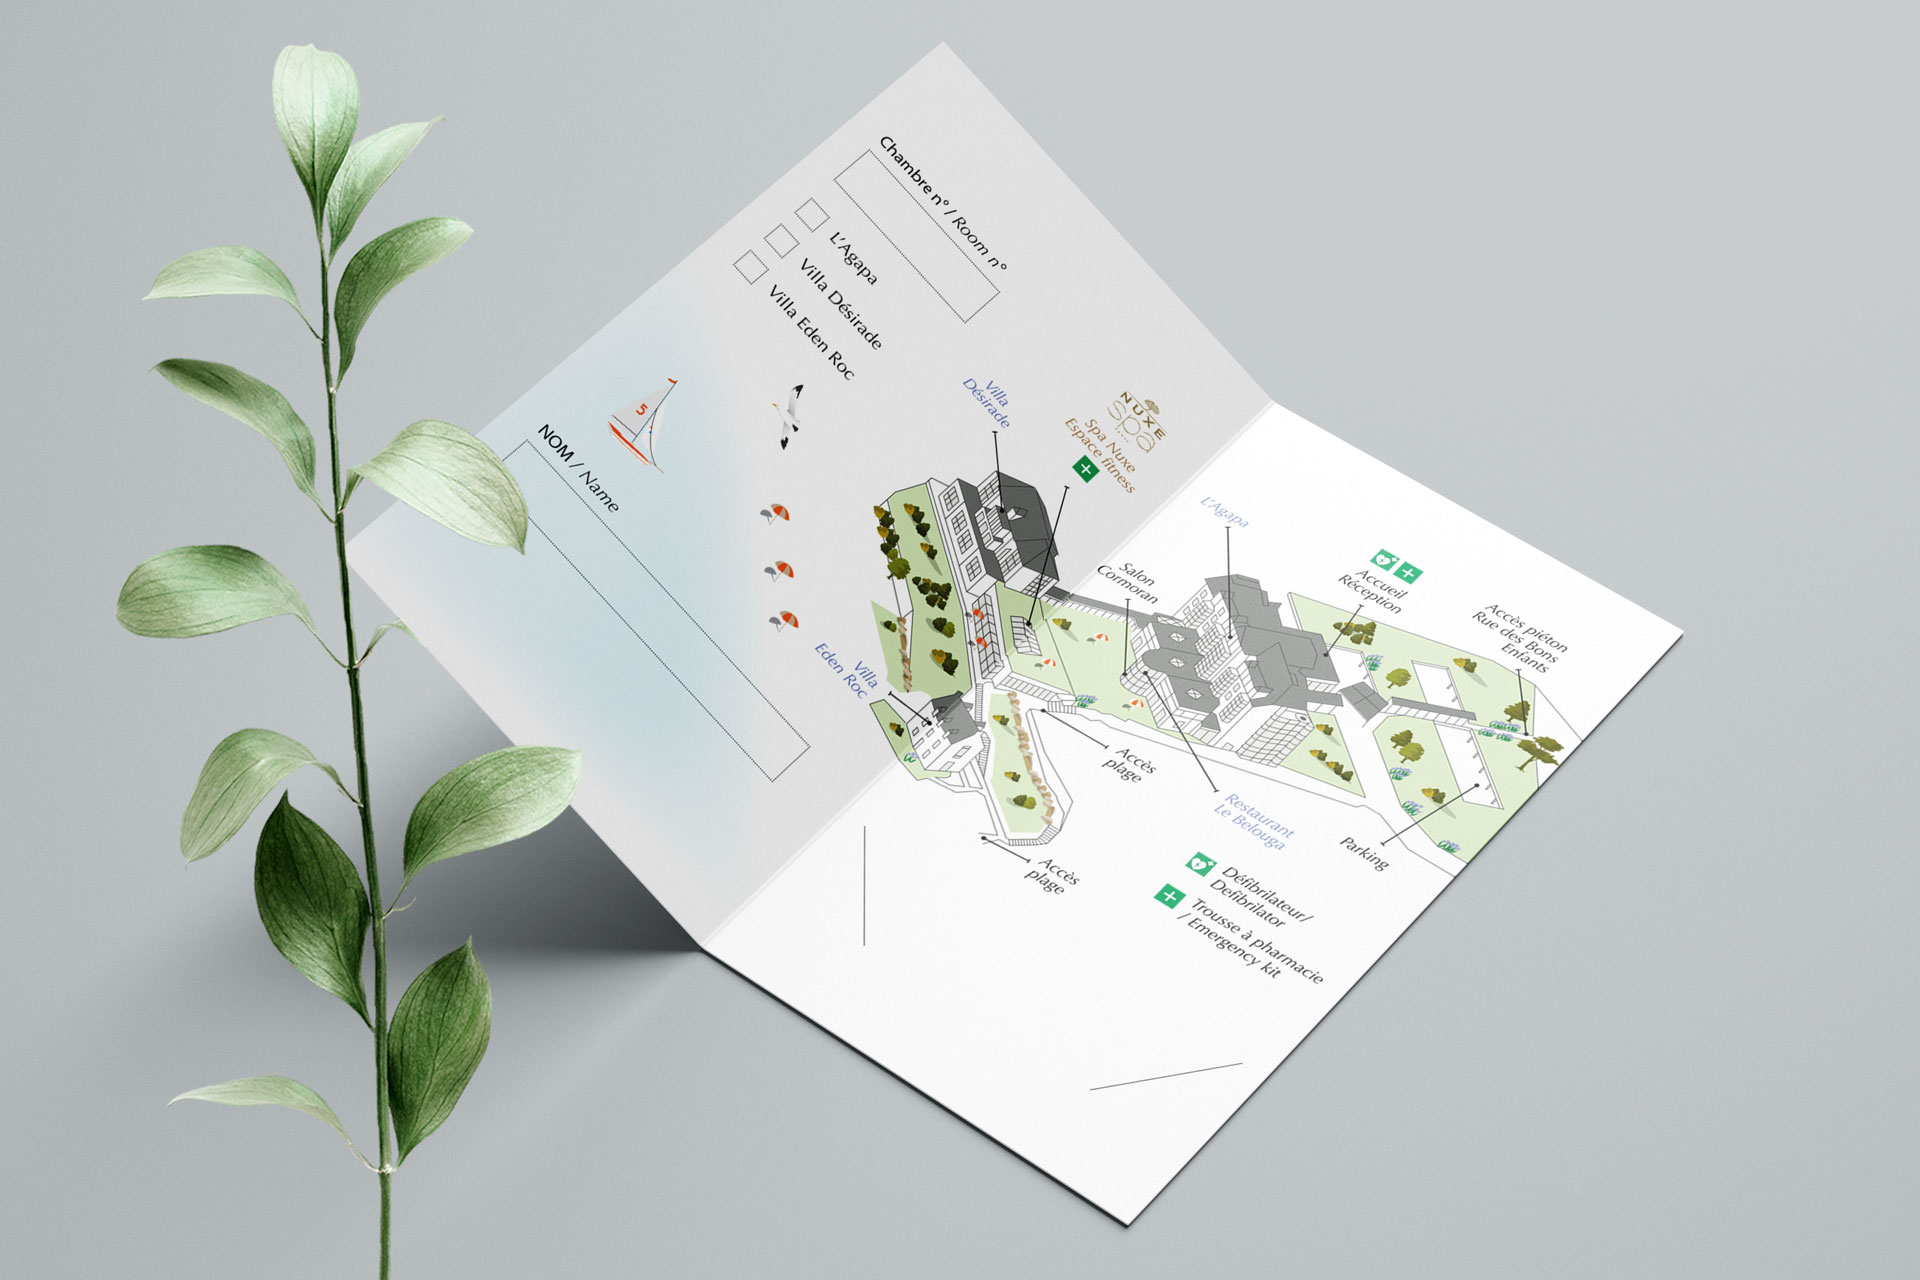 impression carte magnétique porte-carte hôtel hôtellerie Agapa Perros-Guirec Coqueliko Roudenn Lannion